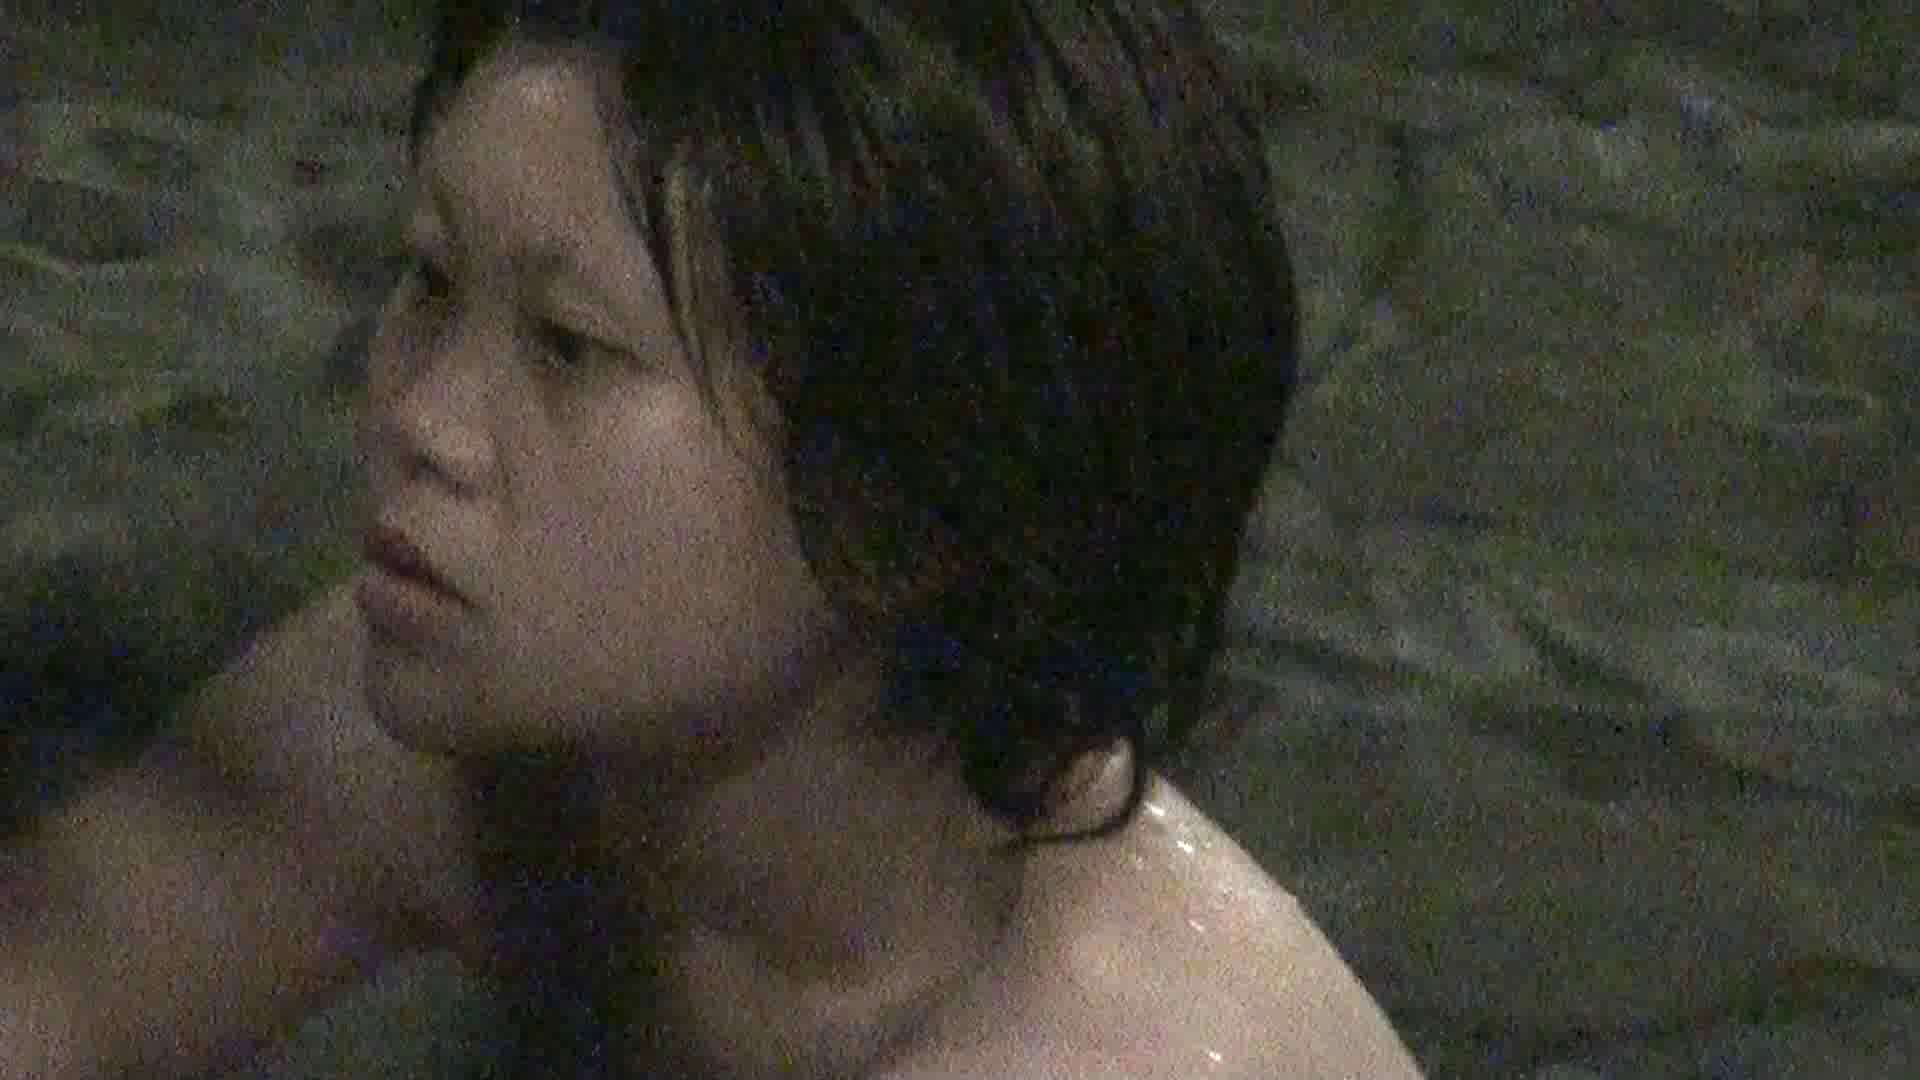 Aquaな露天風呂Vol.314 綺麗なOLたち | 盗撮  96枚 10